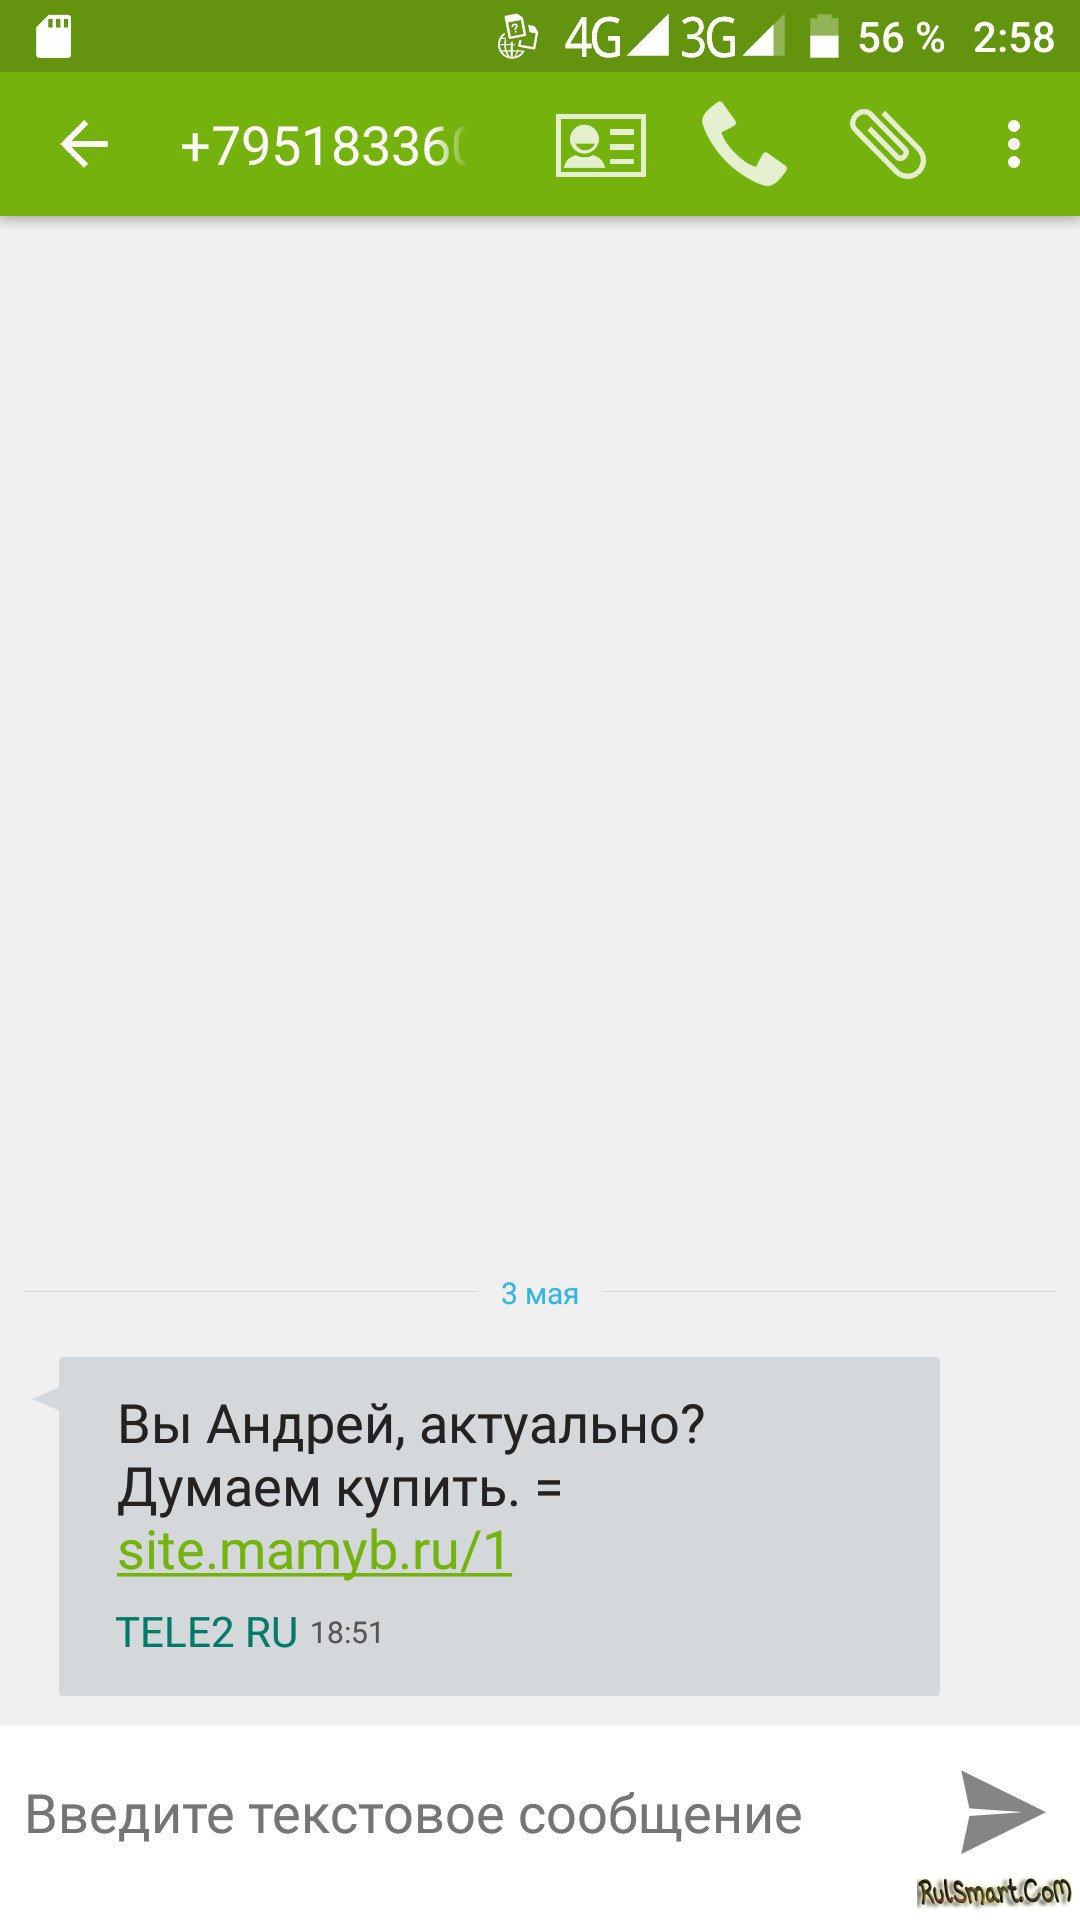 virusi olx)